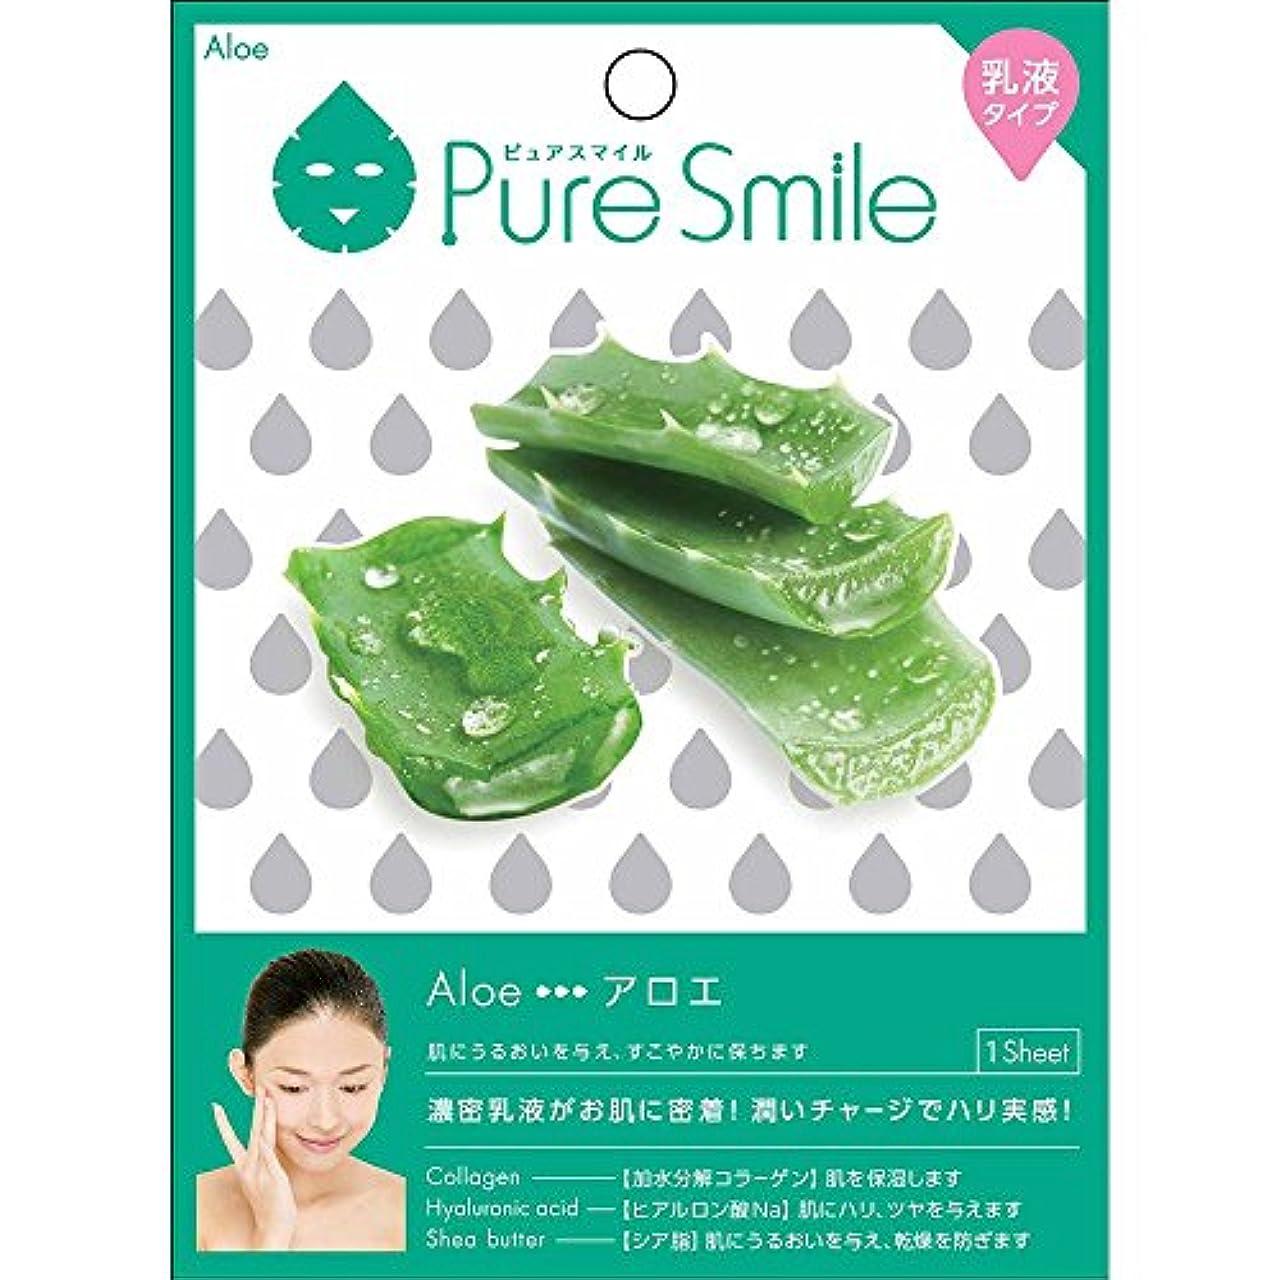 ニックネームシソーラス鍔Pure Smile(ピュアスマイル) 乳液エッセンスマスク 1 枚 アロエ